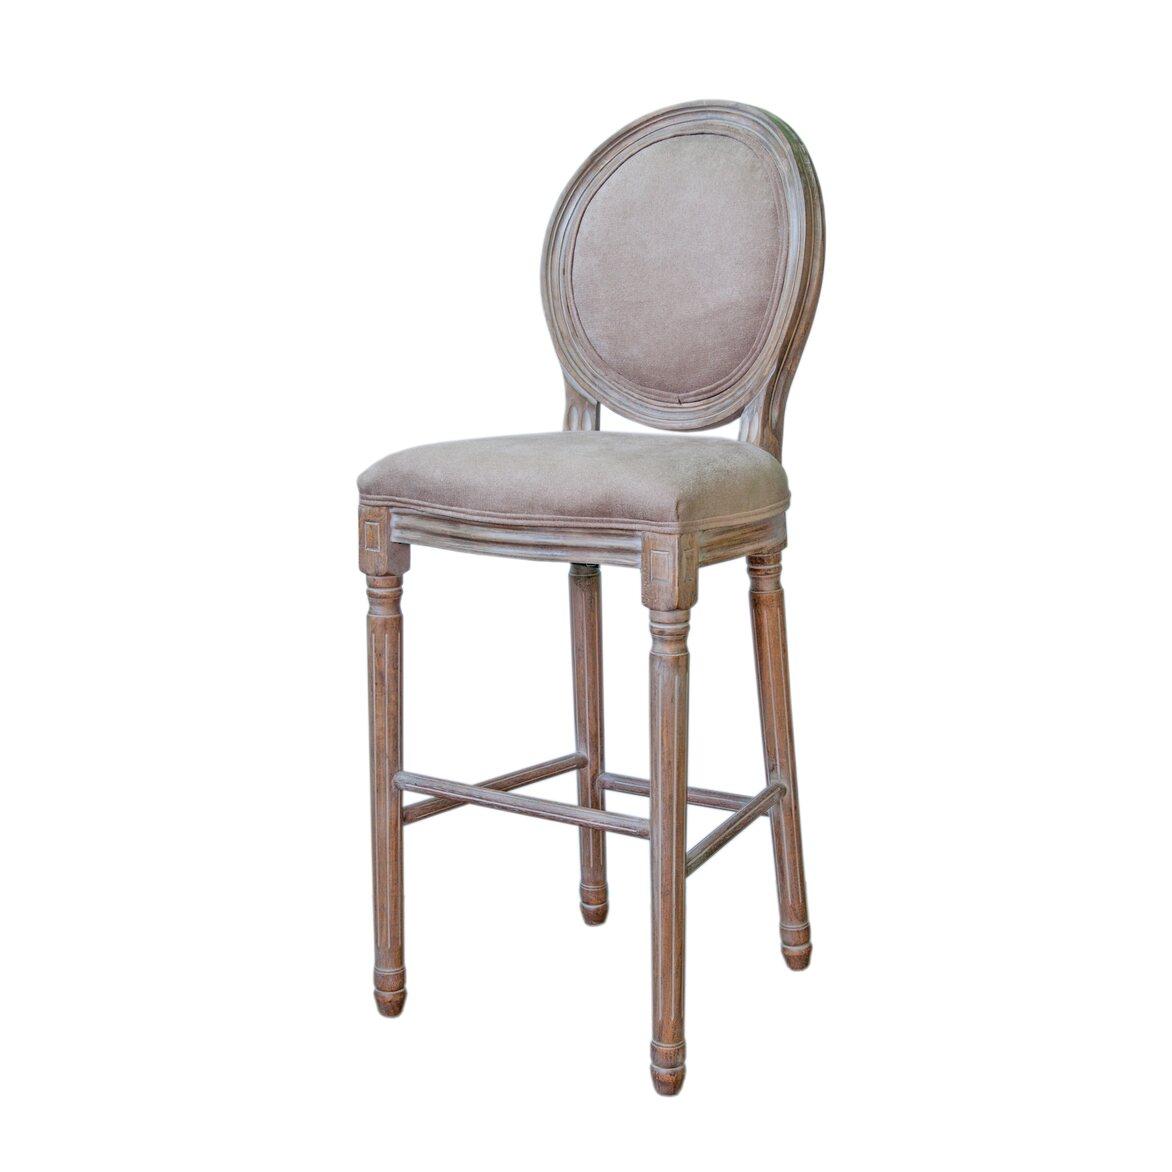 Барный стул Filon mocca 4 | Барные стулья Kingsby